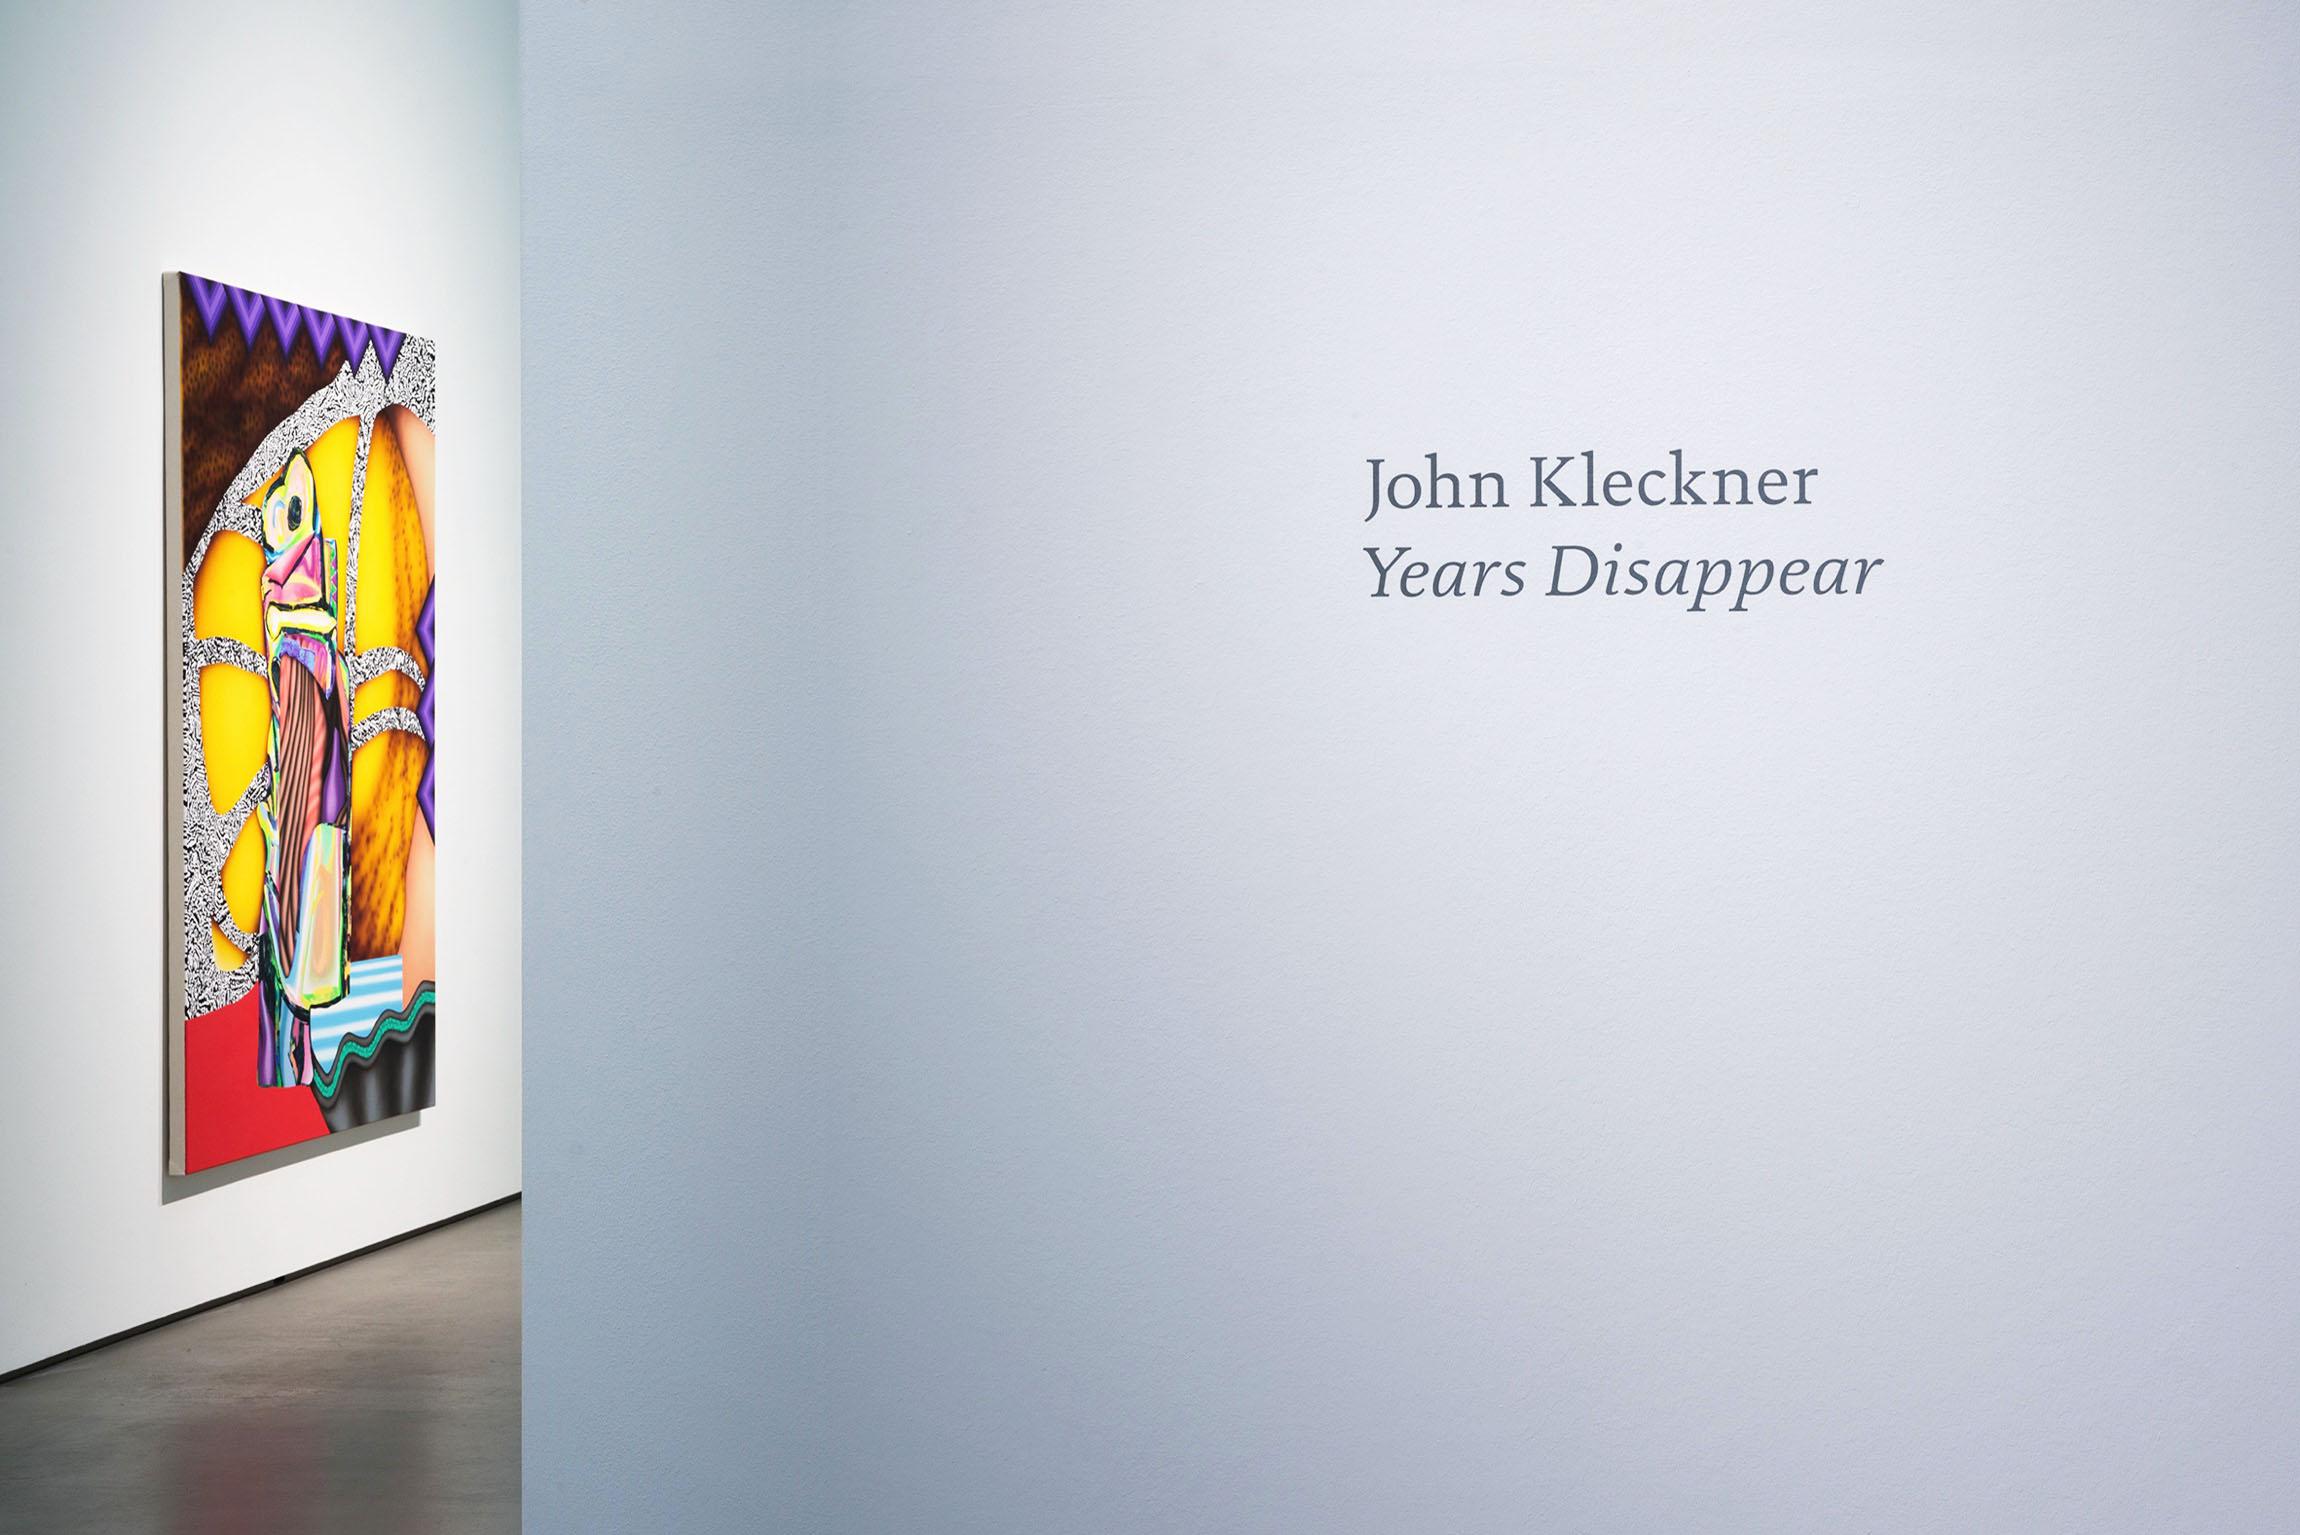 2017 John Kleckner Years Disappear